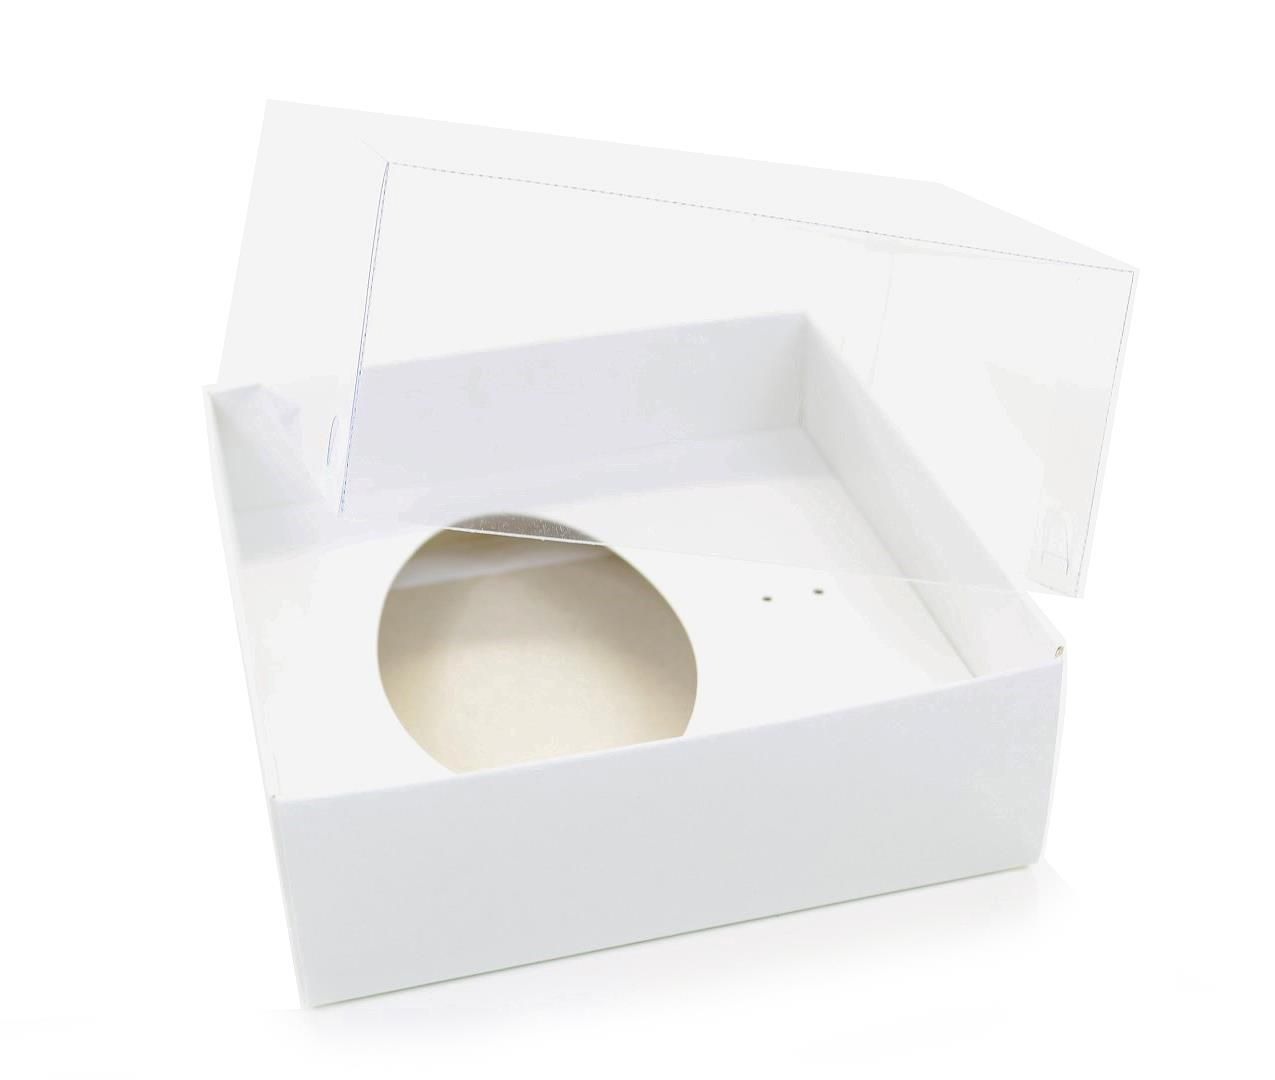 Ref 003 Branca - Caixa Ovo 100 e 150gr. c/ tampa Transparente ALTA - 14x14x6 cm - c/ 10 unidades